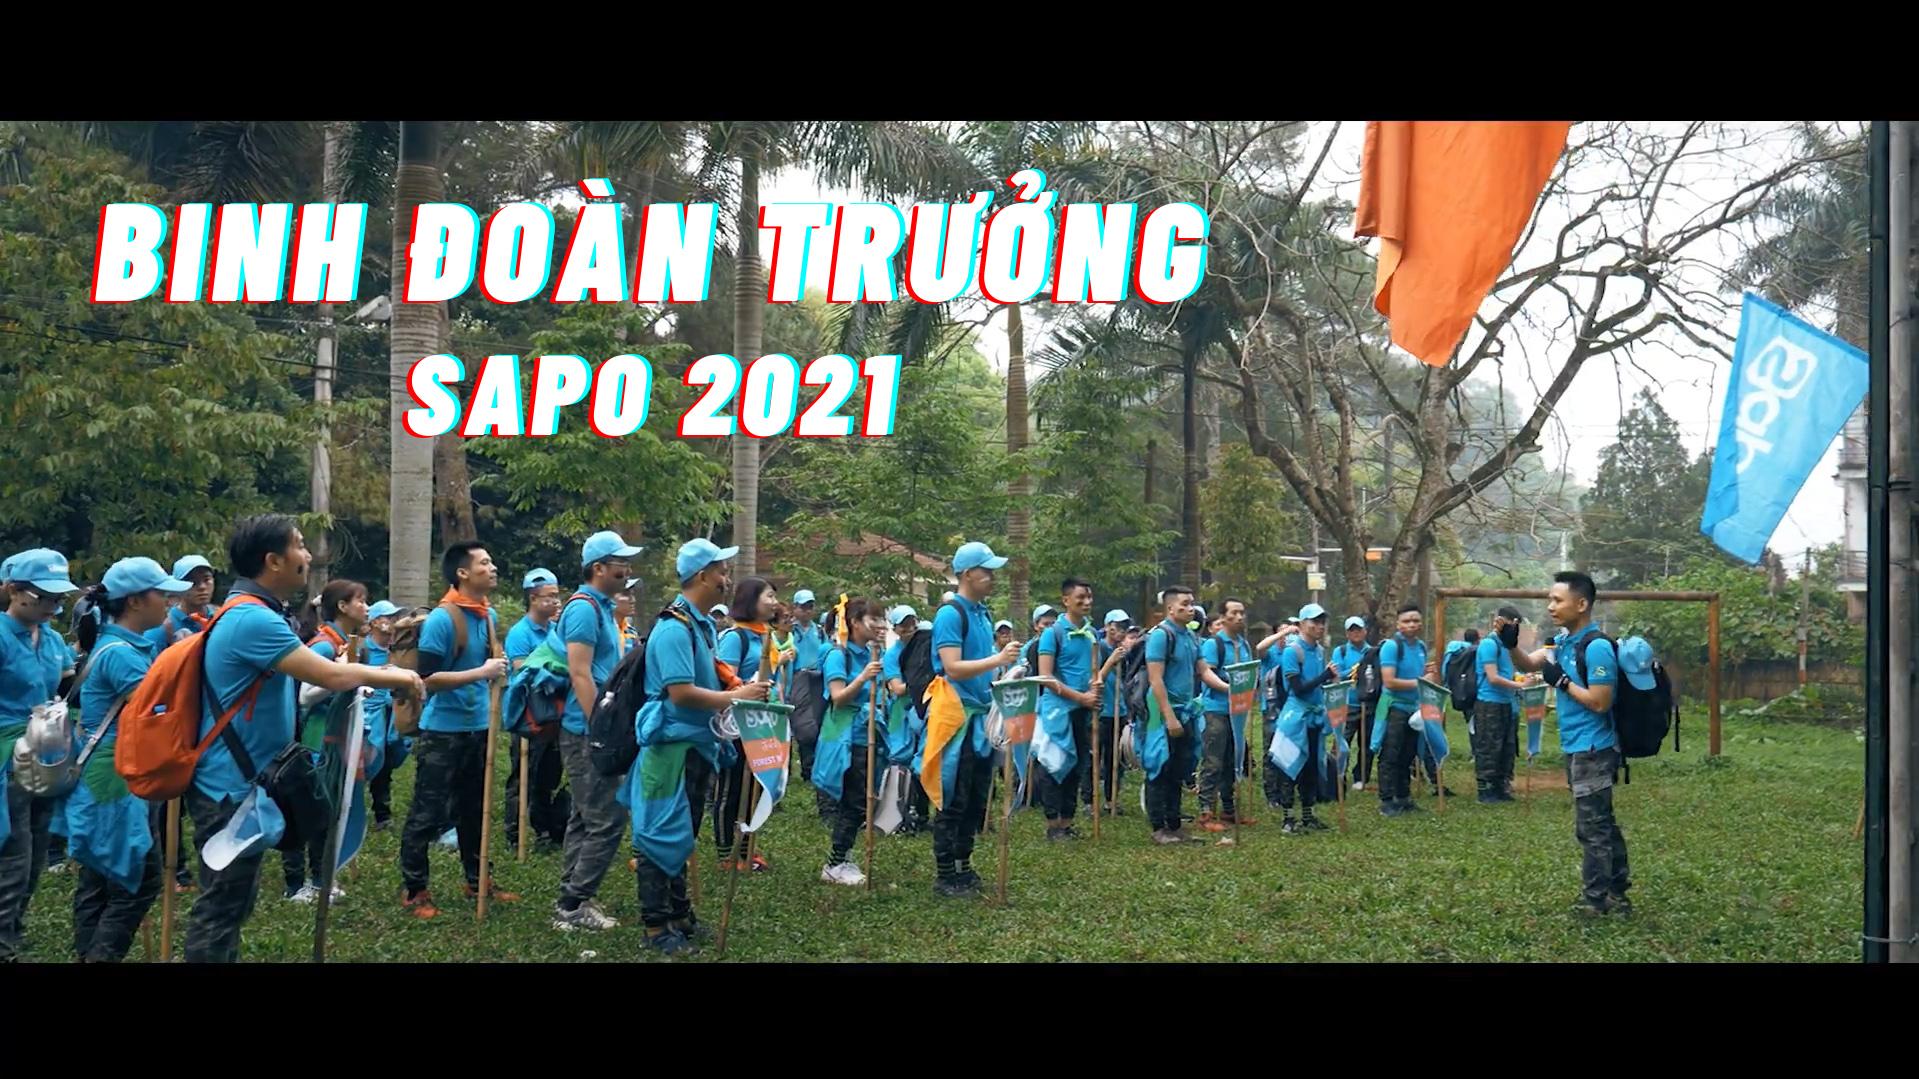 Toàn cảnh Trại huấn luyện binh đoàn trưởng SAPO 2021.